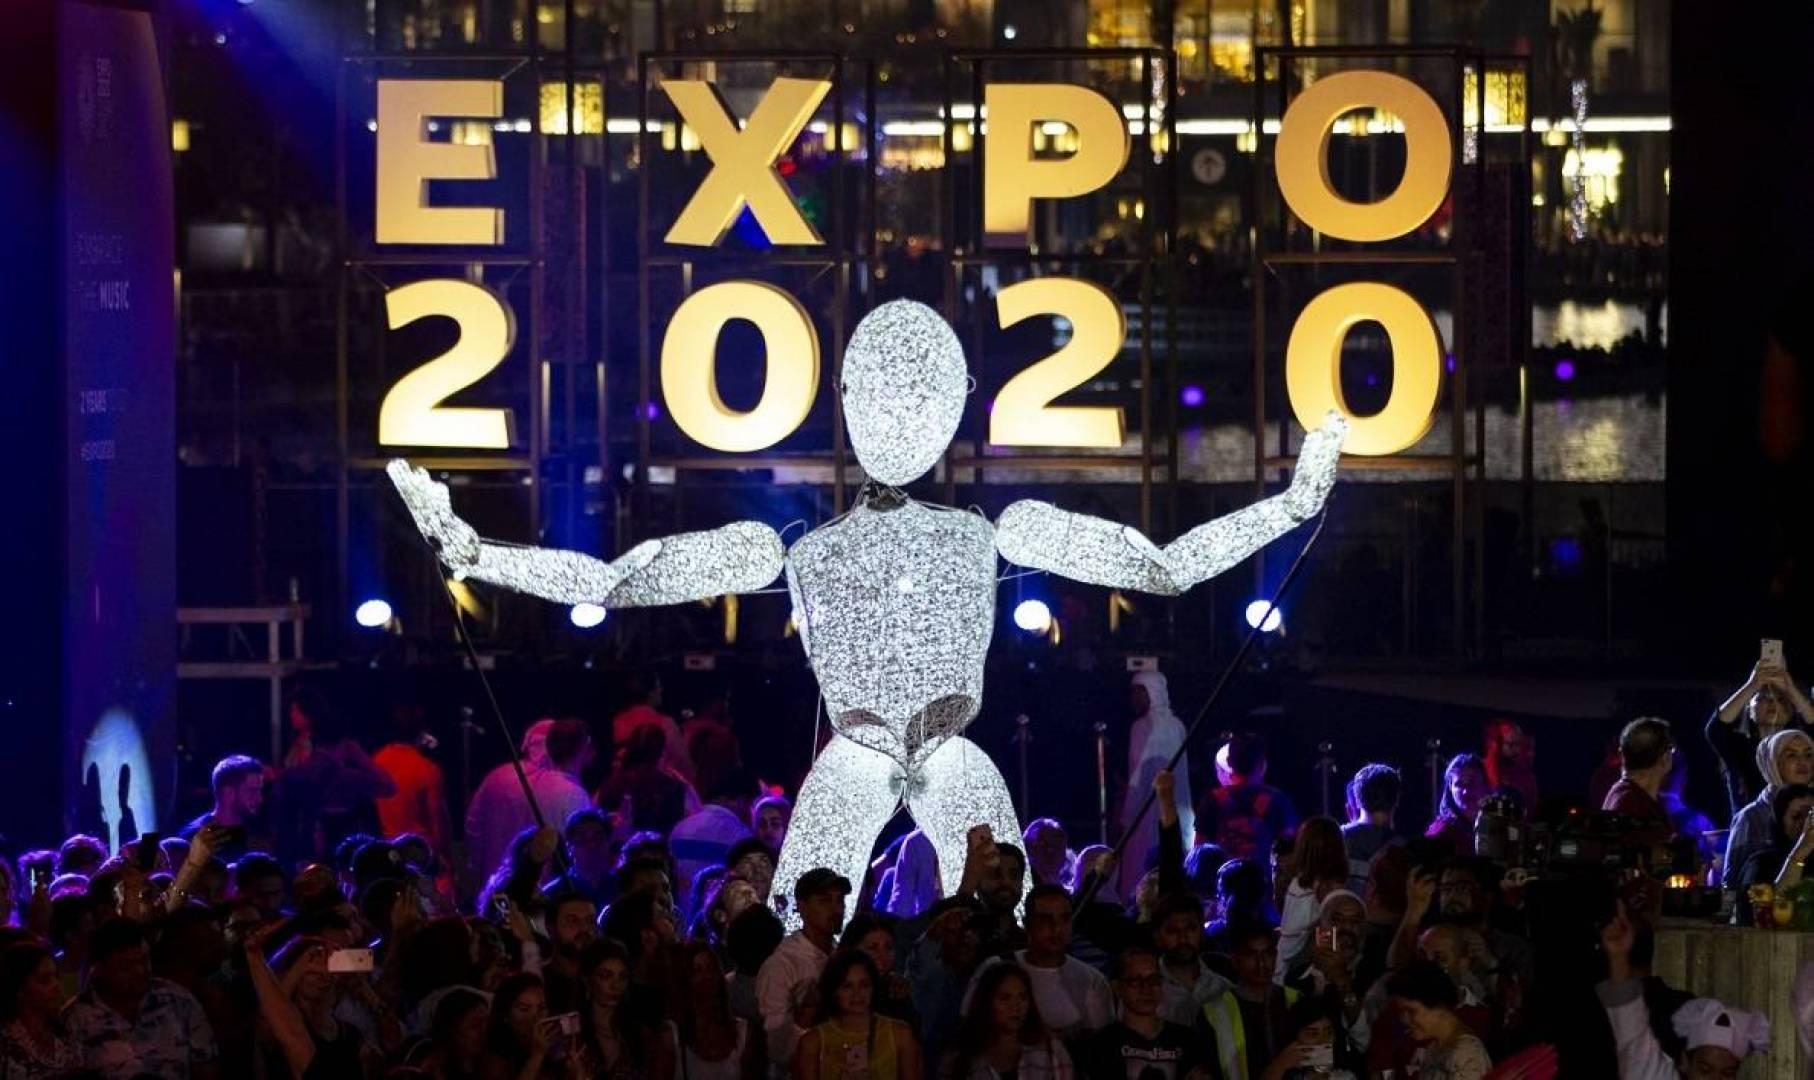 بلومبيرغ: معرض دبي إكسبو 2020 قد يتأجل بسبب فيروس كورونا